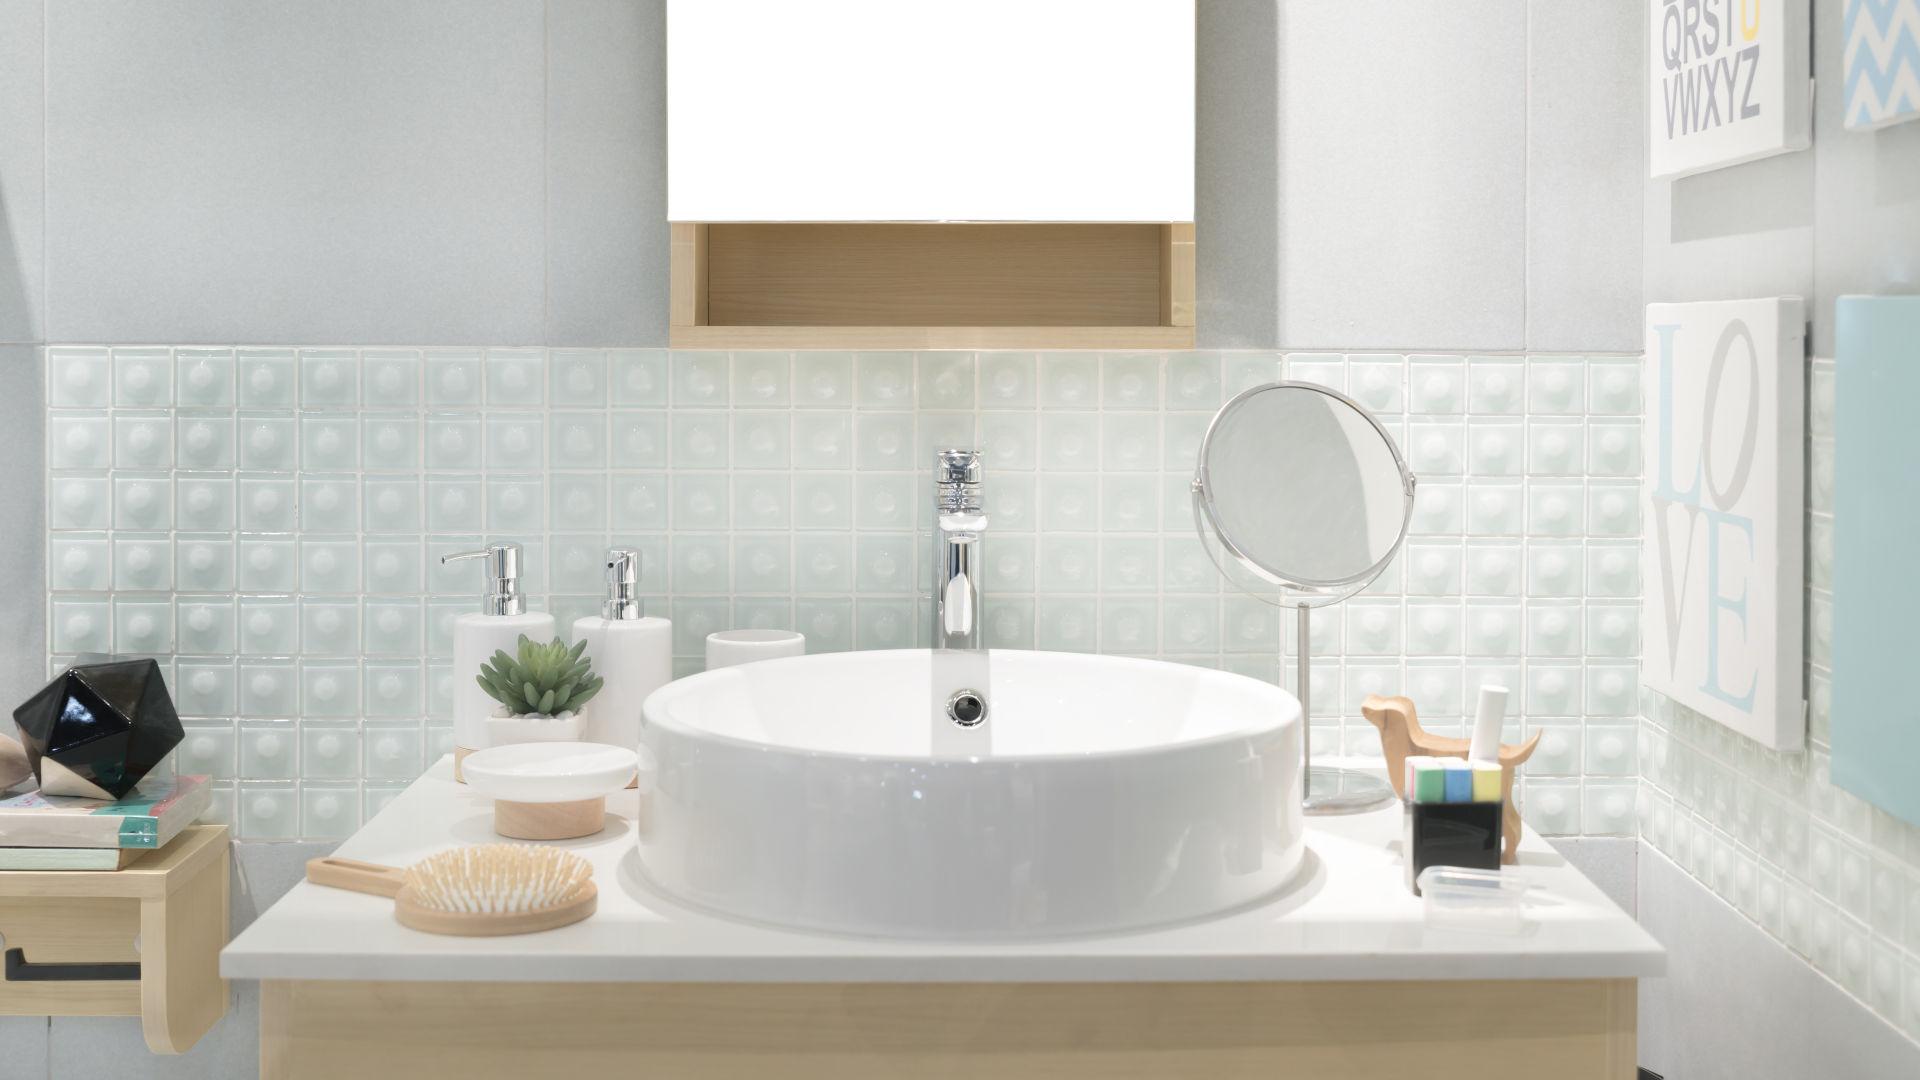 Mała łazienka Jak Zaaranżować Strefę Umywalkową